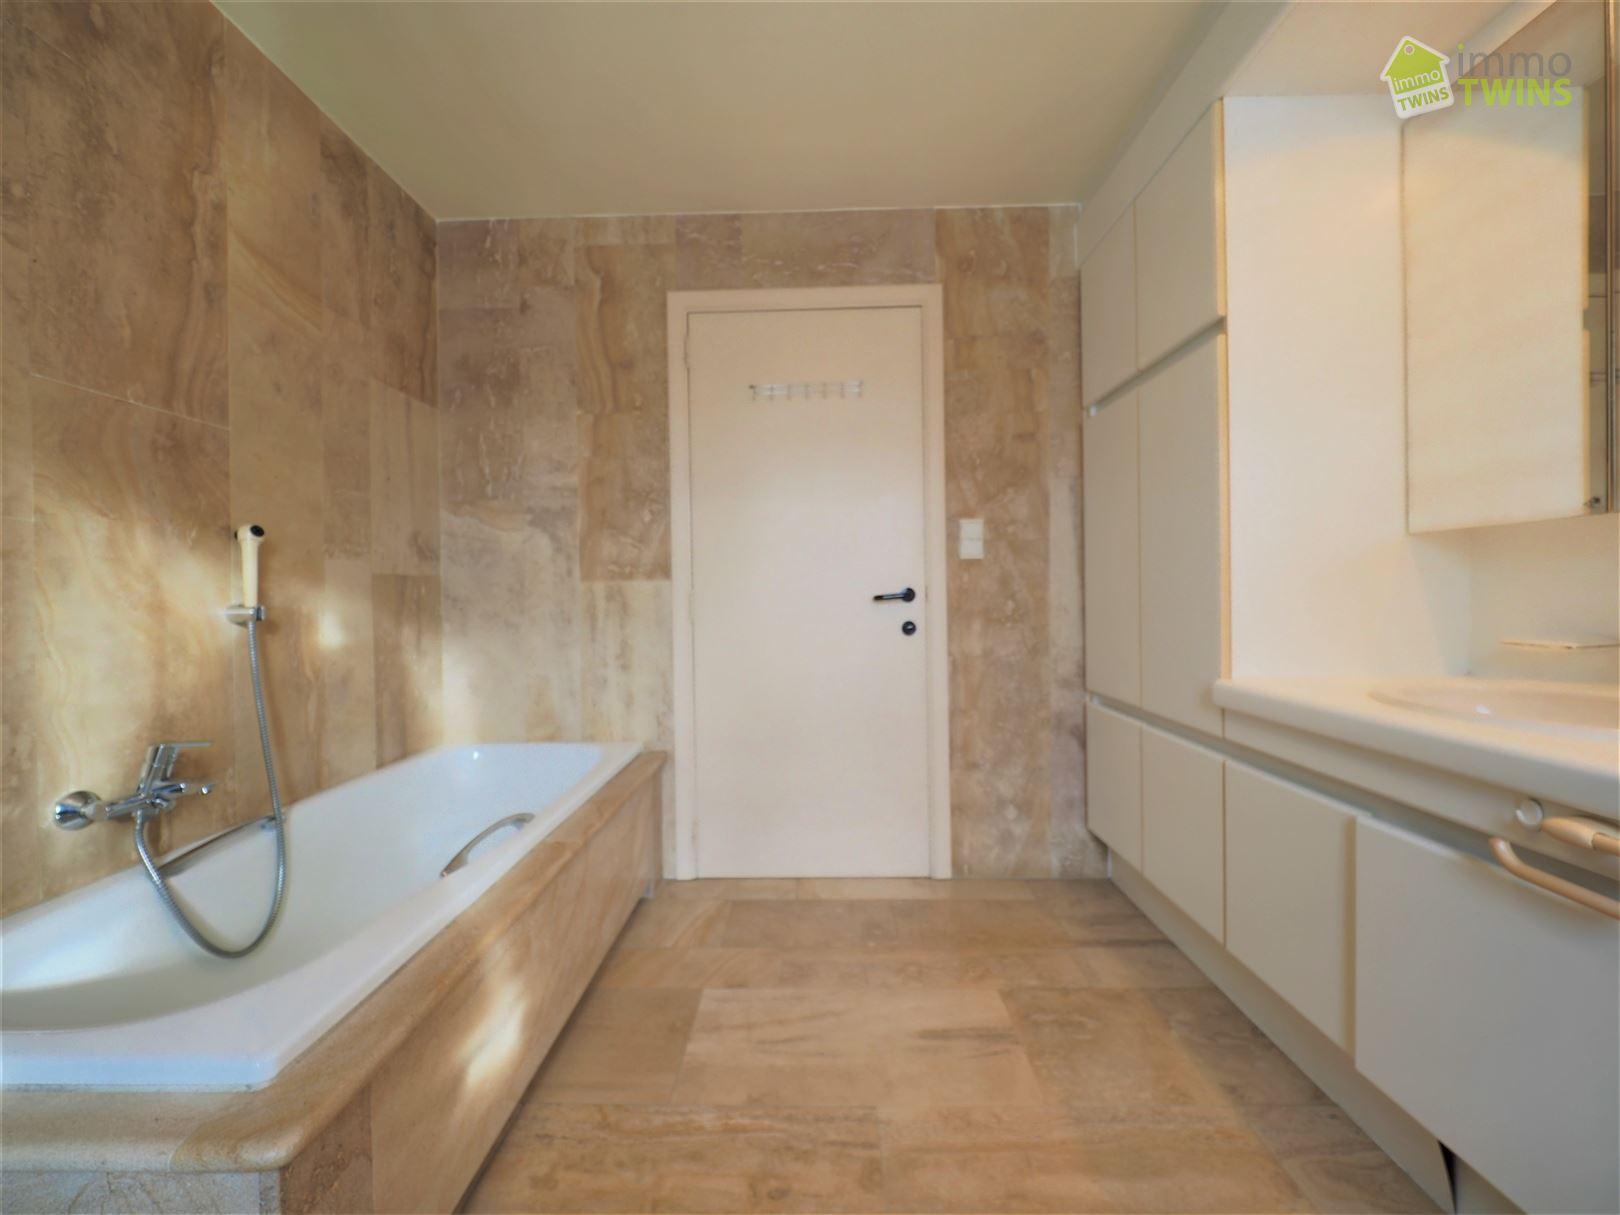 Foto 13 : Huis te 9240 ZELE (België) - Prijs € 345.000